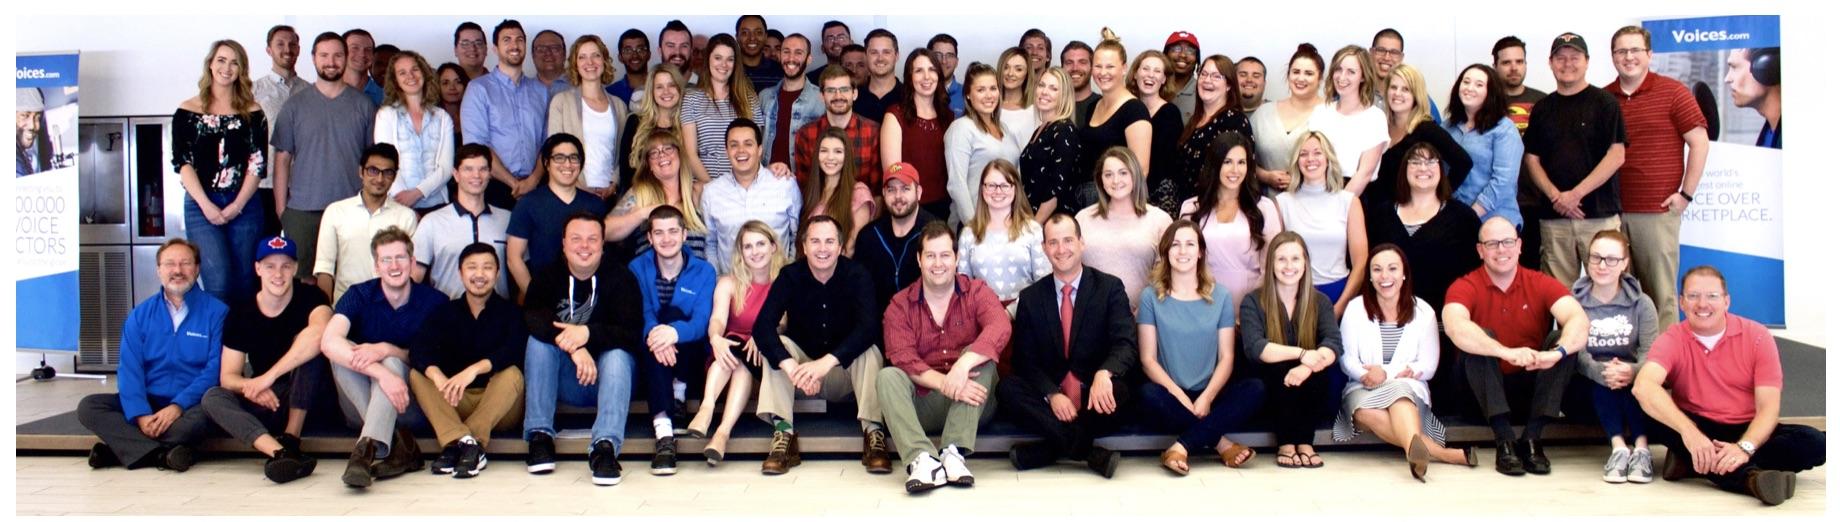 Voices.com Team Photo